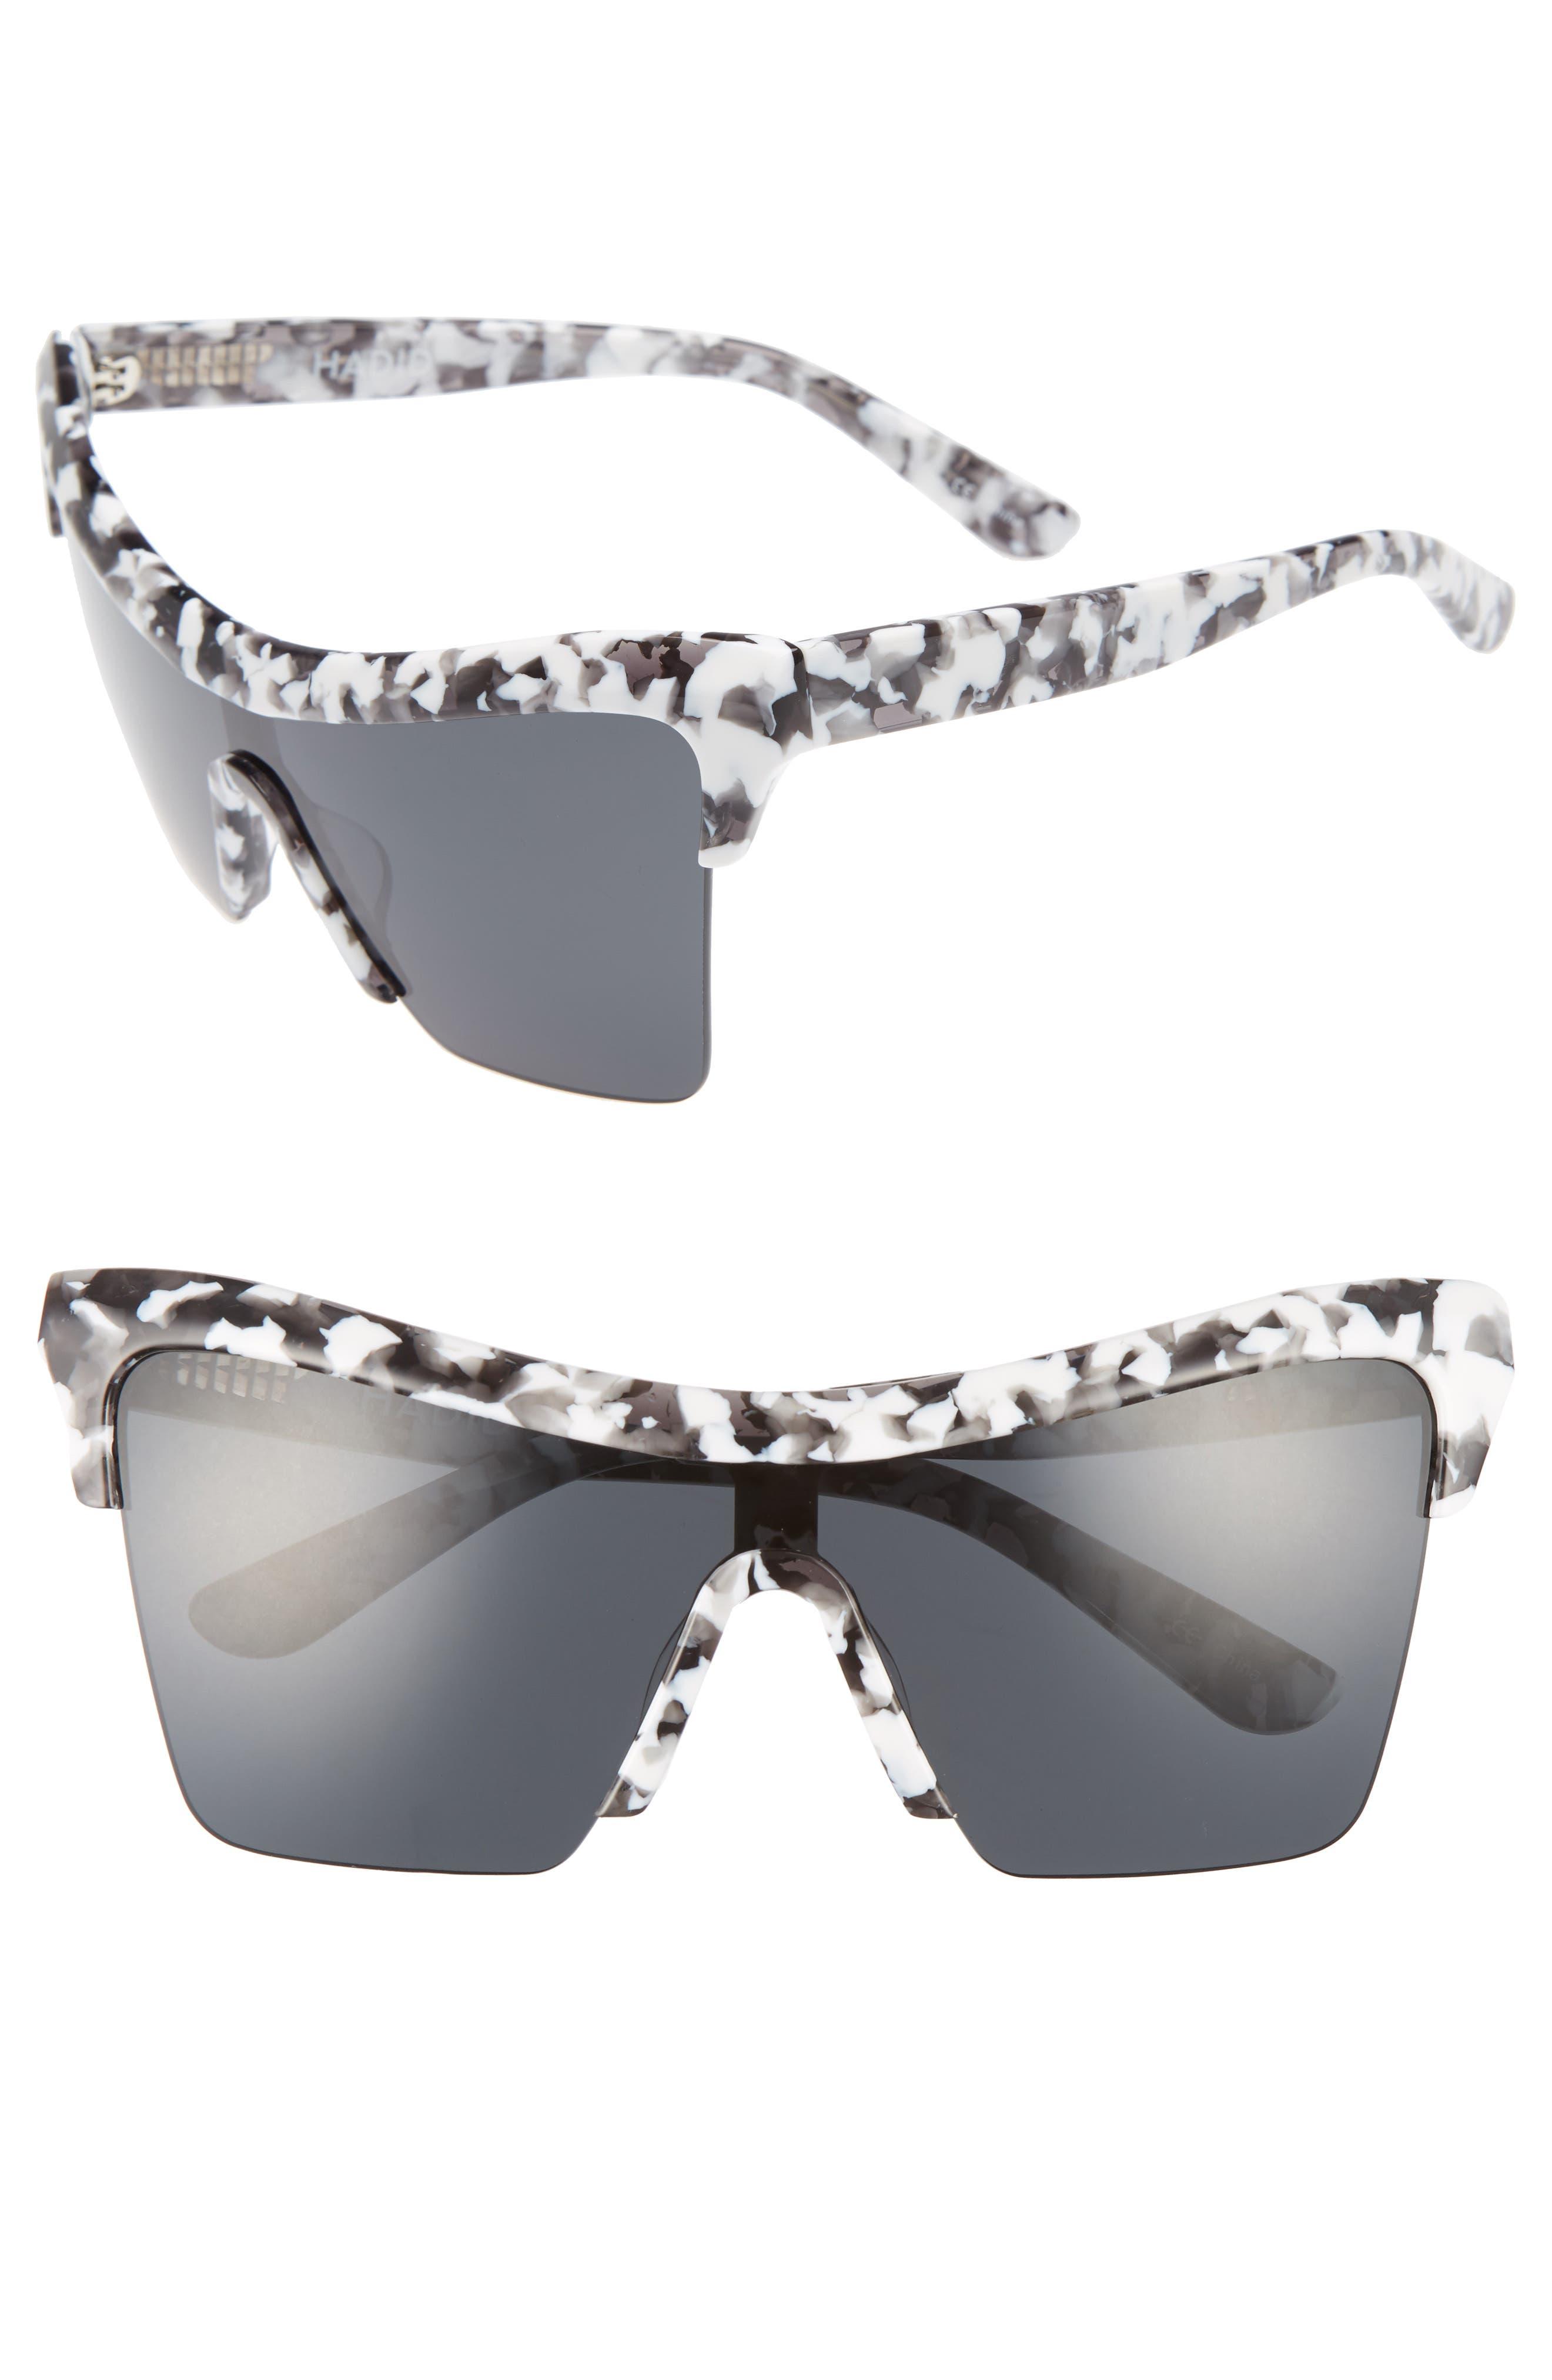 Passport Control 68mm Sunglasses,                         Main,                         color, WHITE CAMO